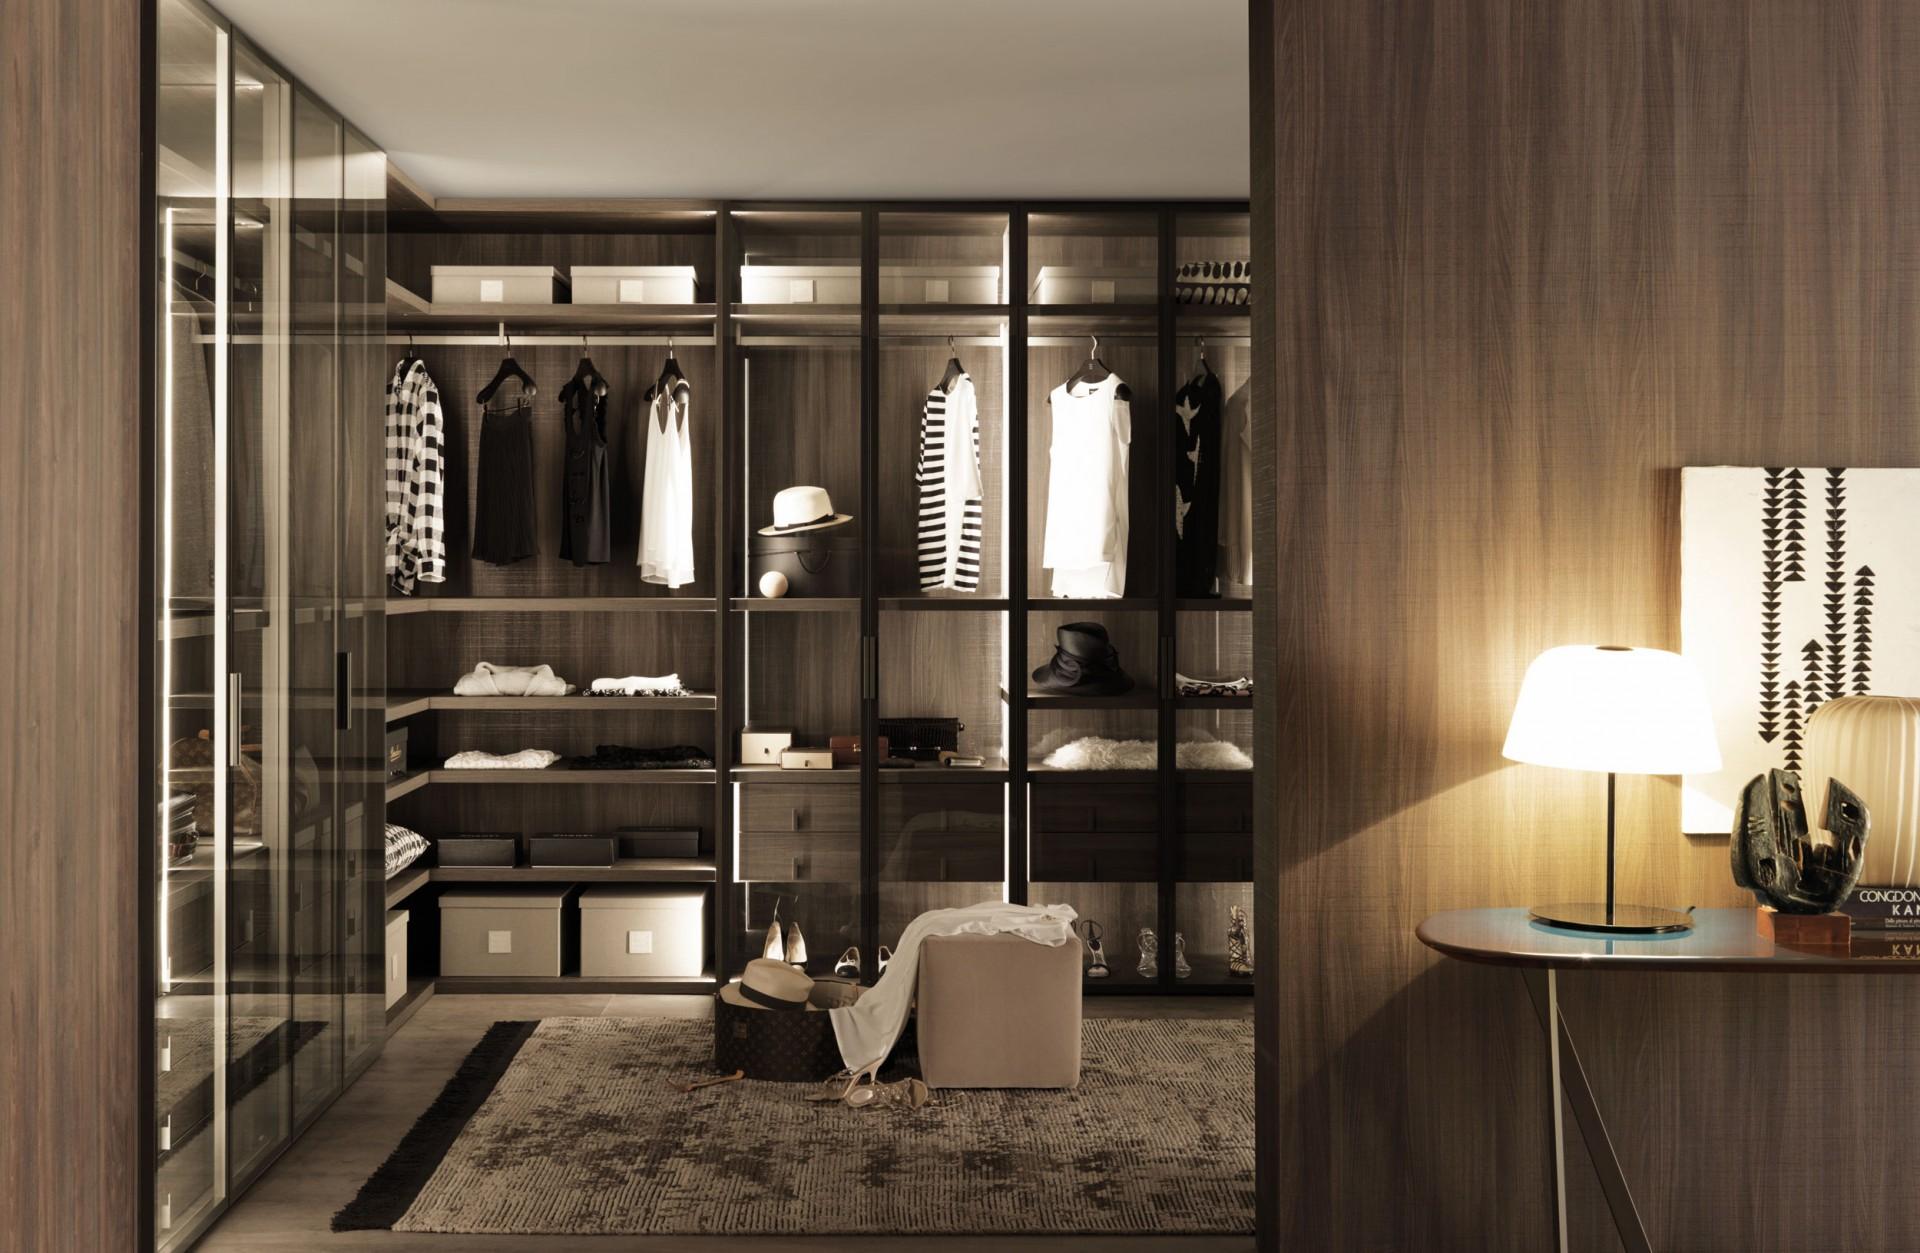 08-paloalto-walk-in-closet-misuraemme-2.jpg